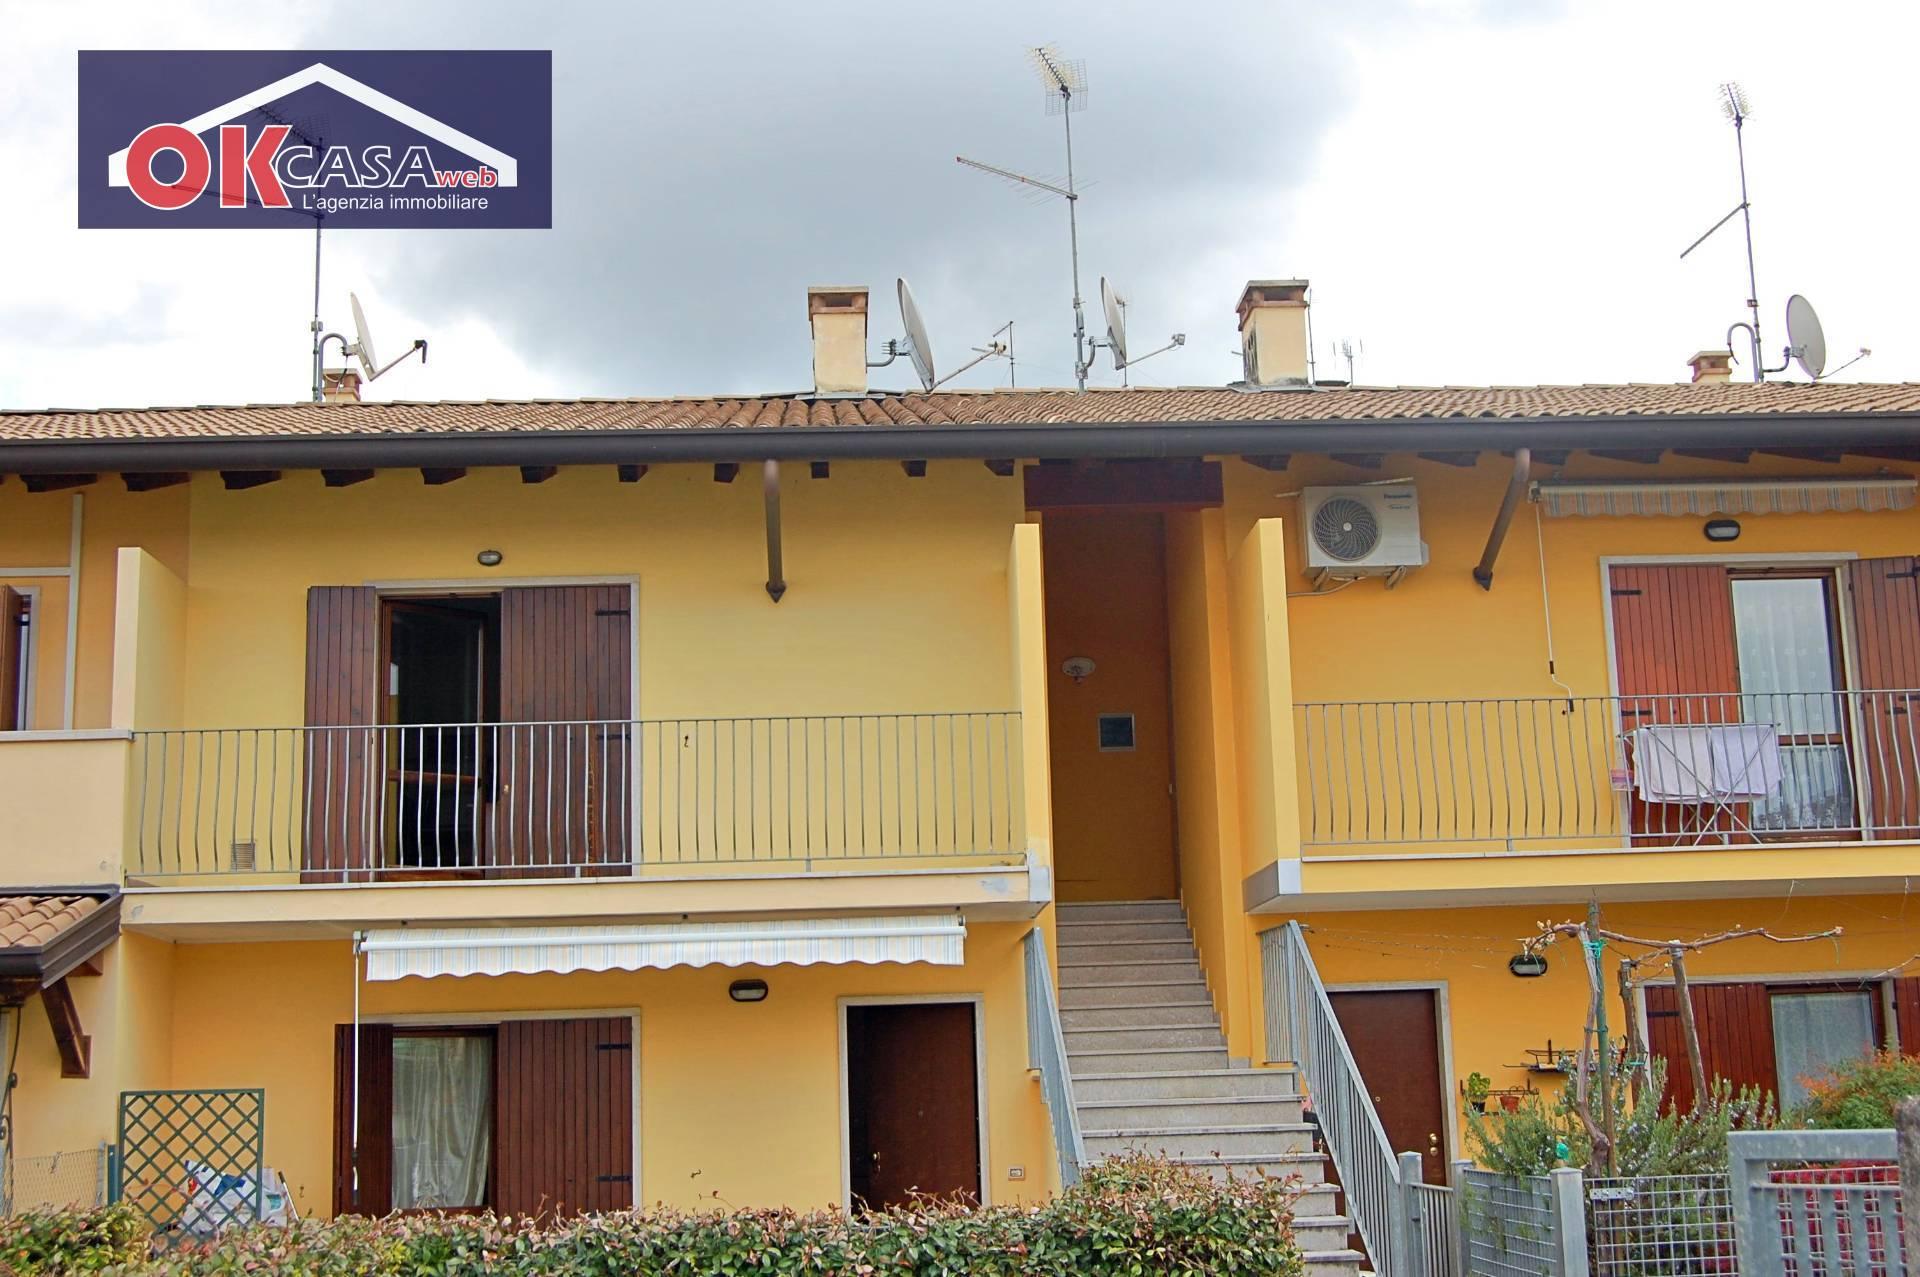 Appartamento in vendita a Gradisca d'Isonzo, 3 locali, prezzo € 89.000 | CambioCasa.it